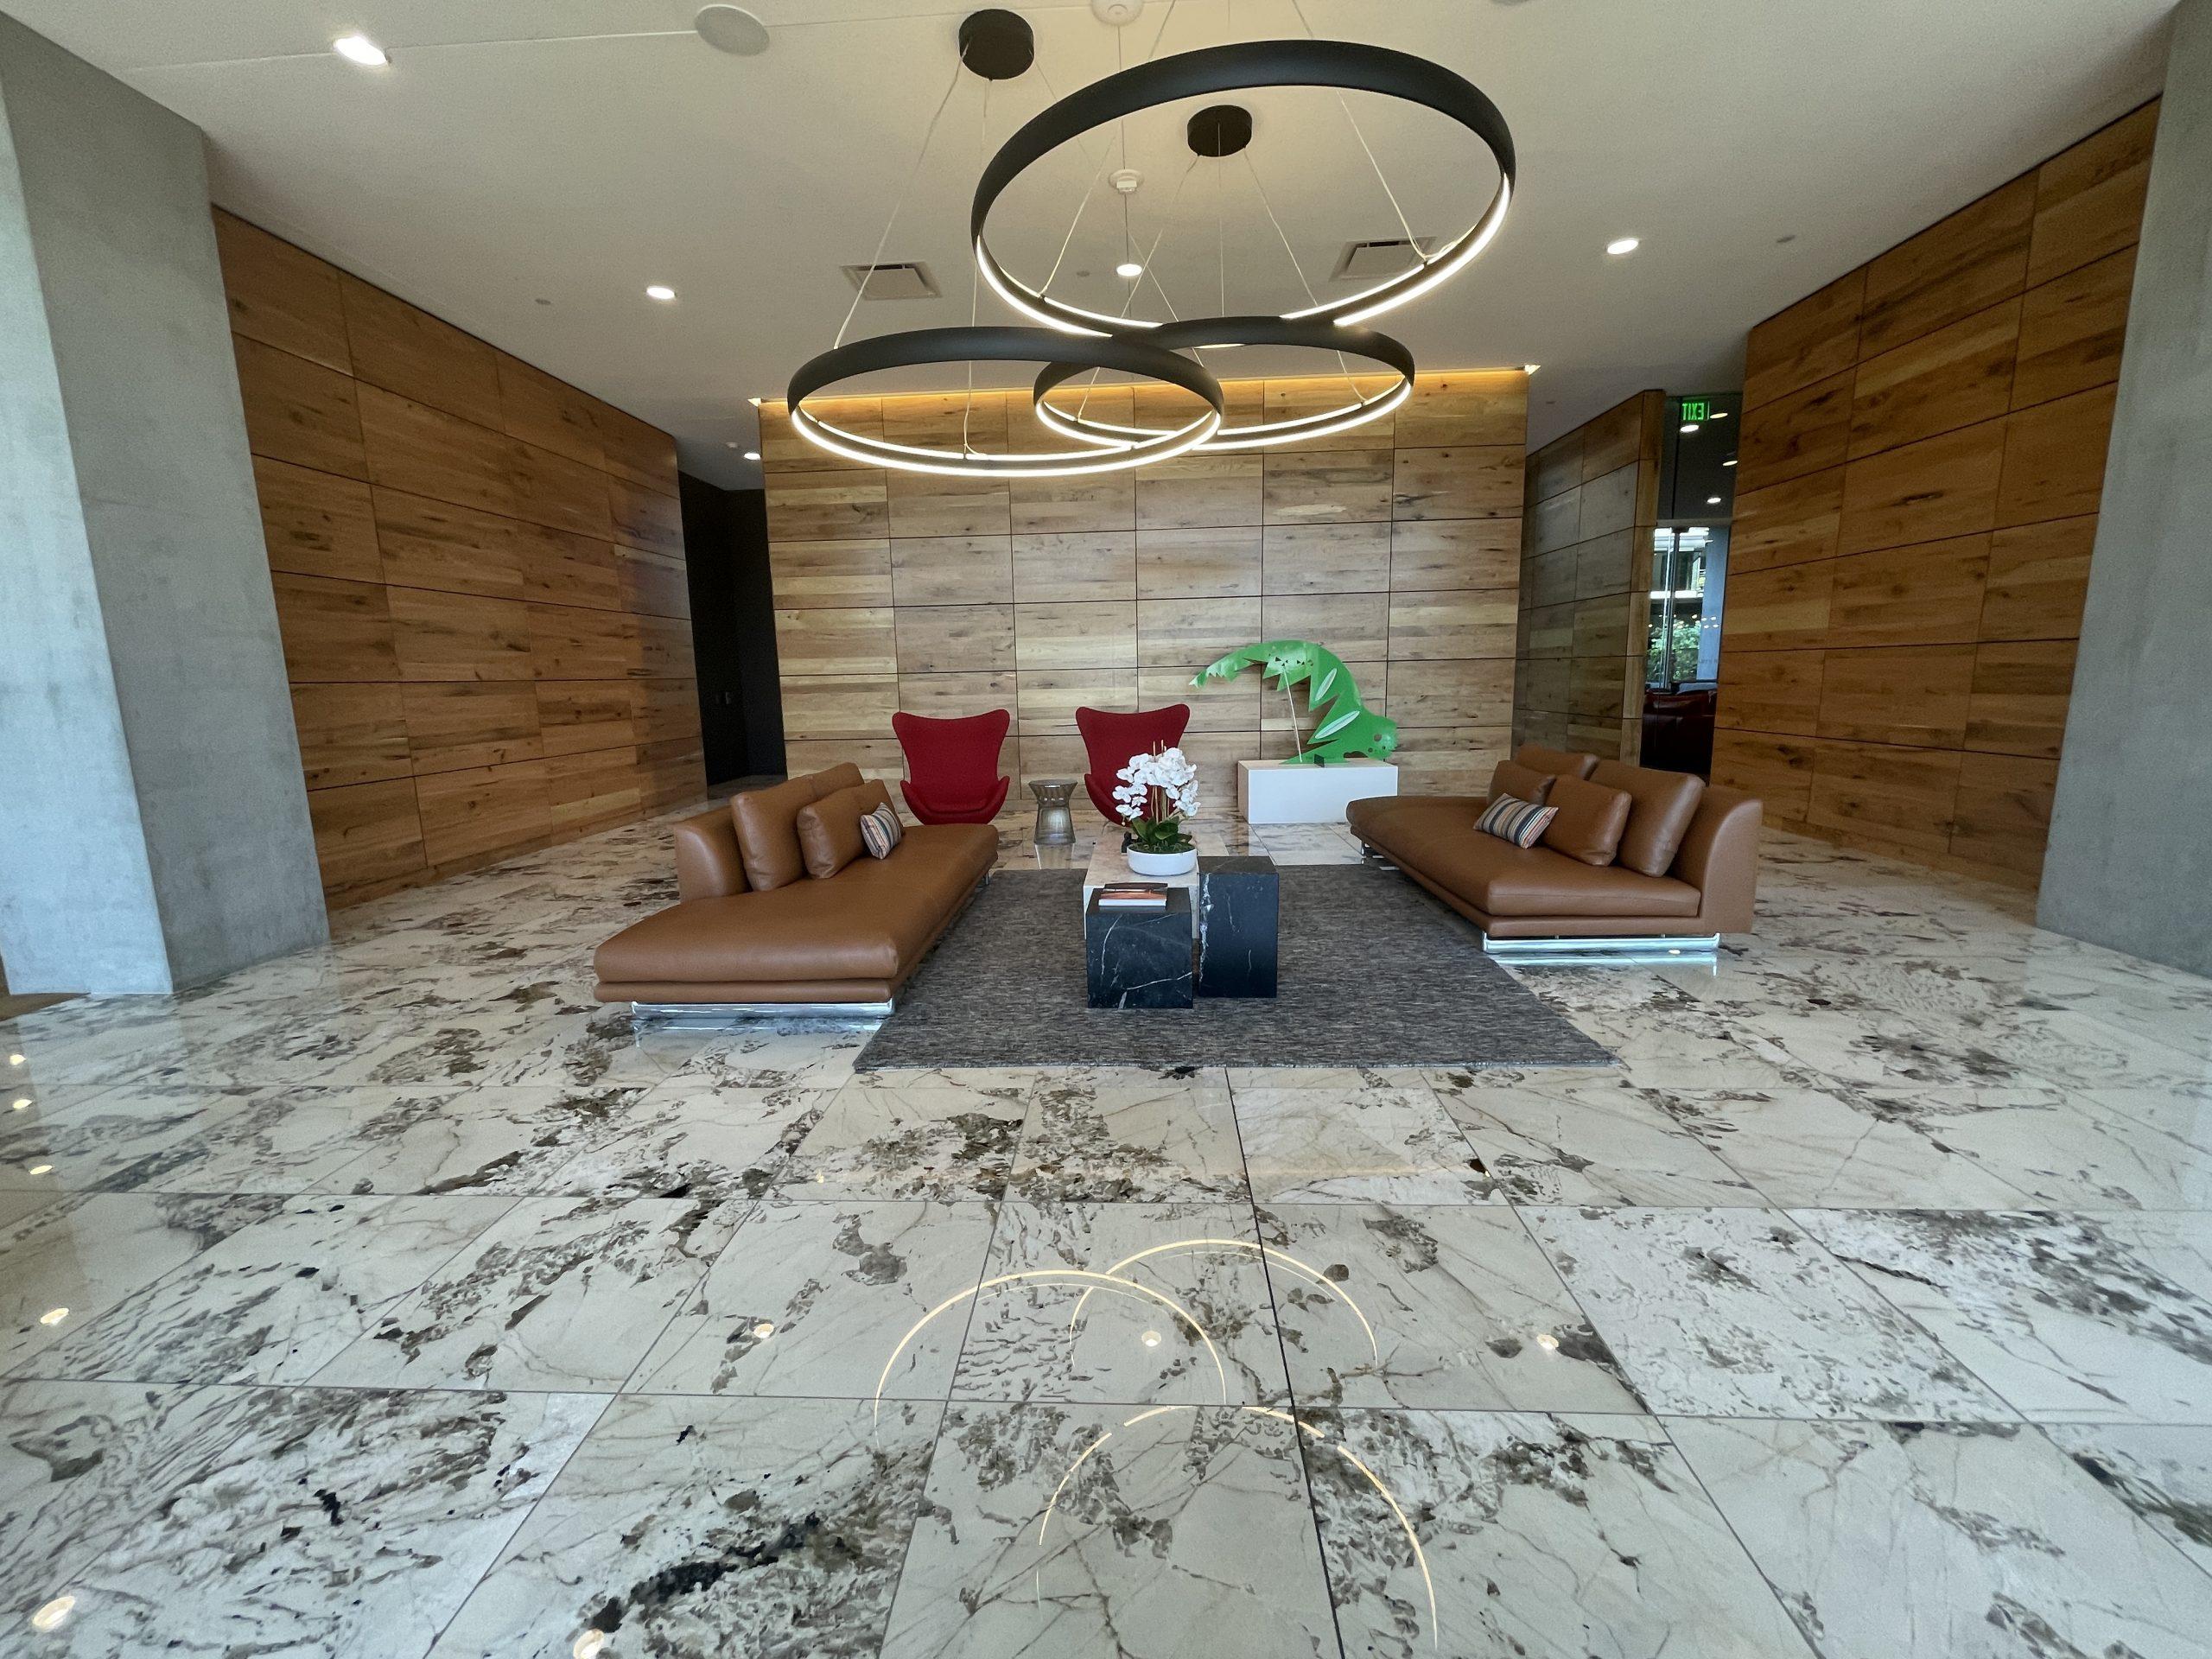 The lobby at Optima Kierland 7180